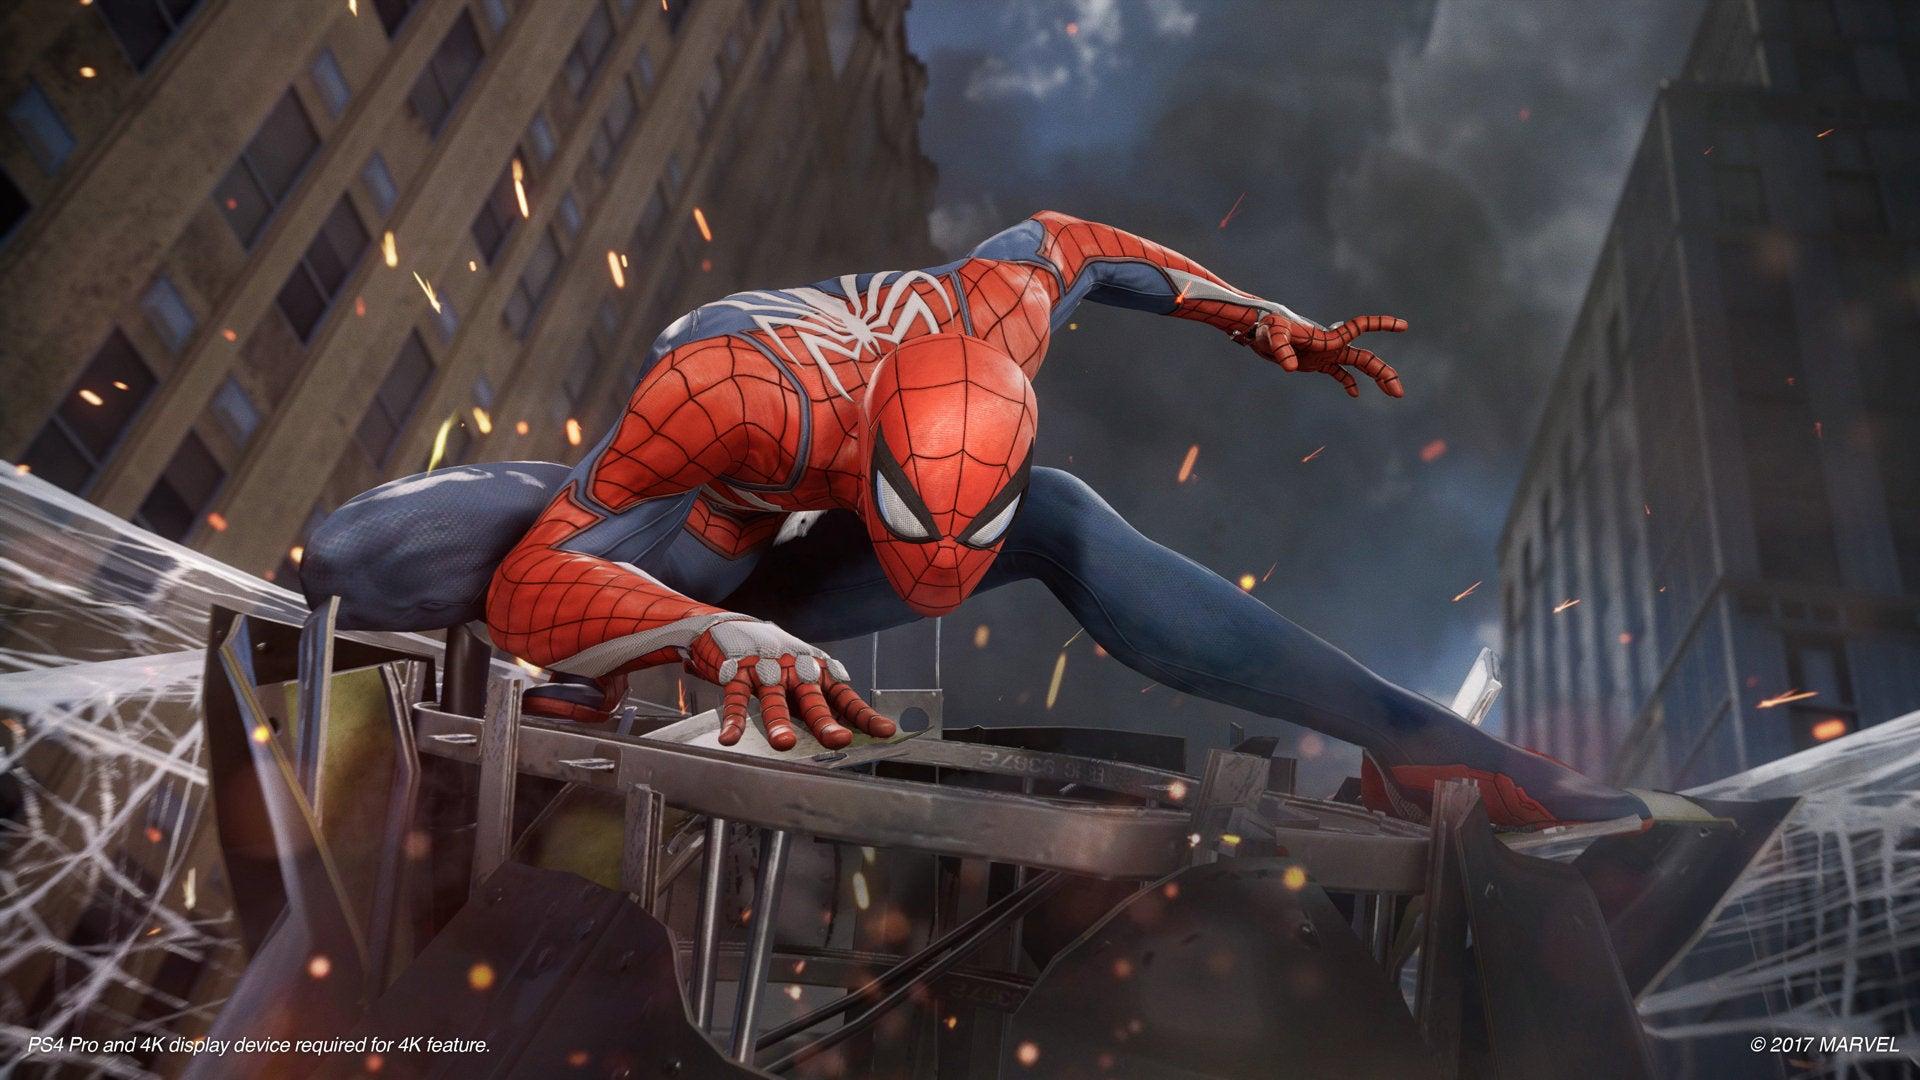 marvels-spider-man-screen-02-ps4-us-12jun17